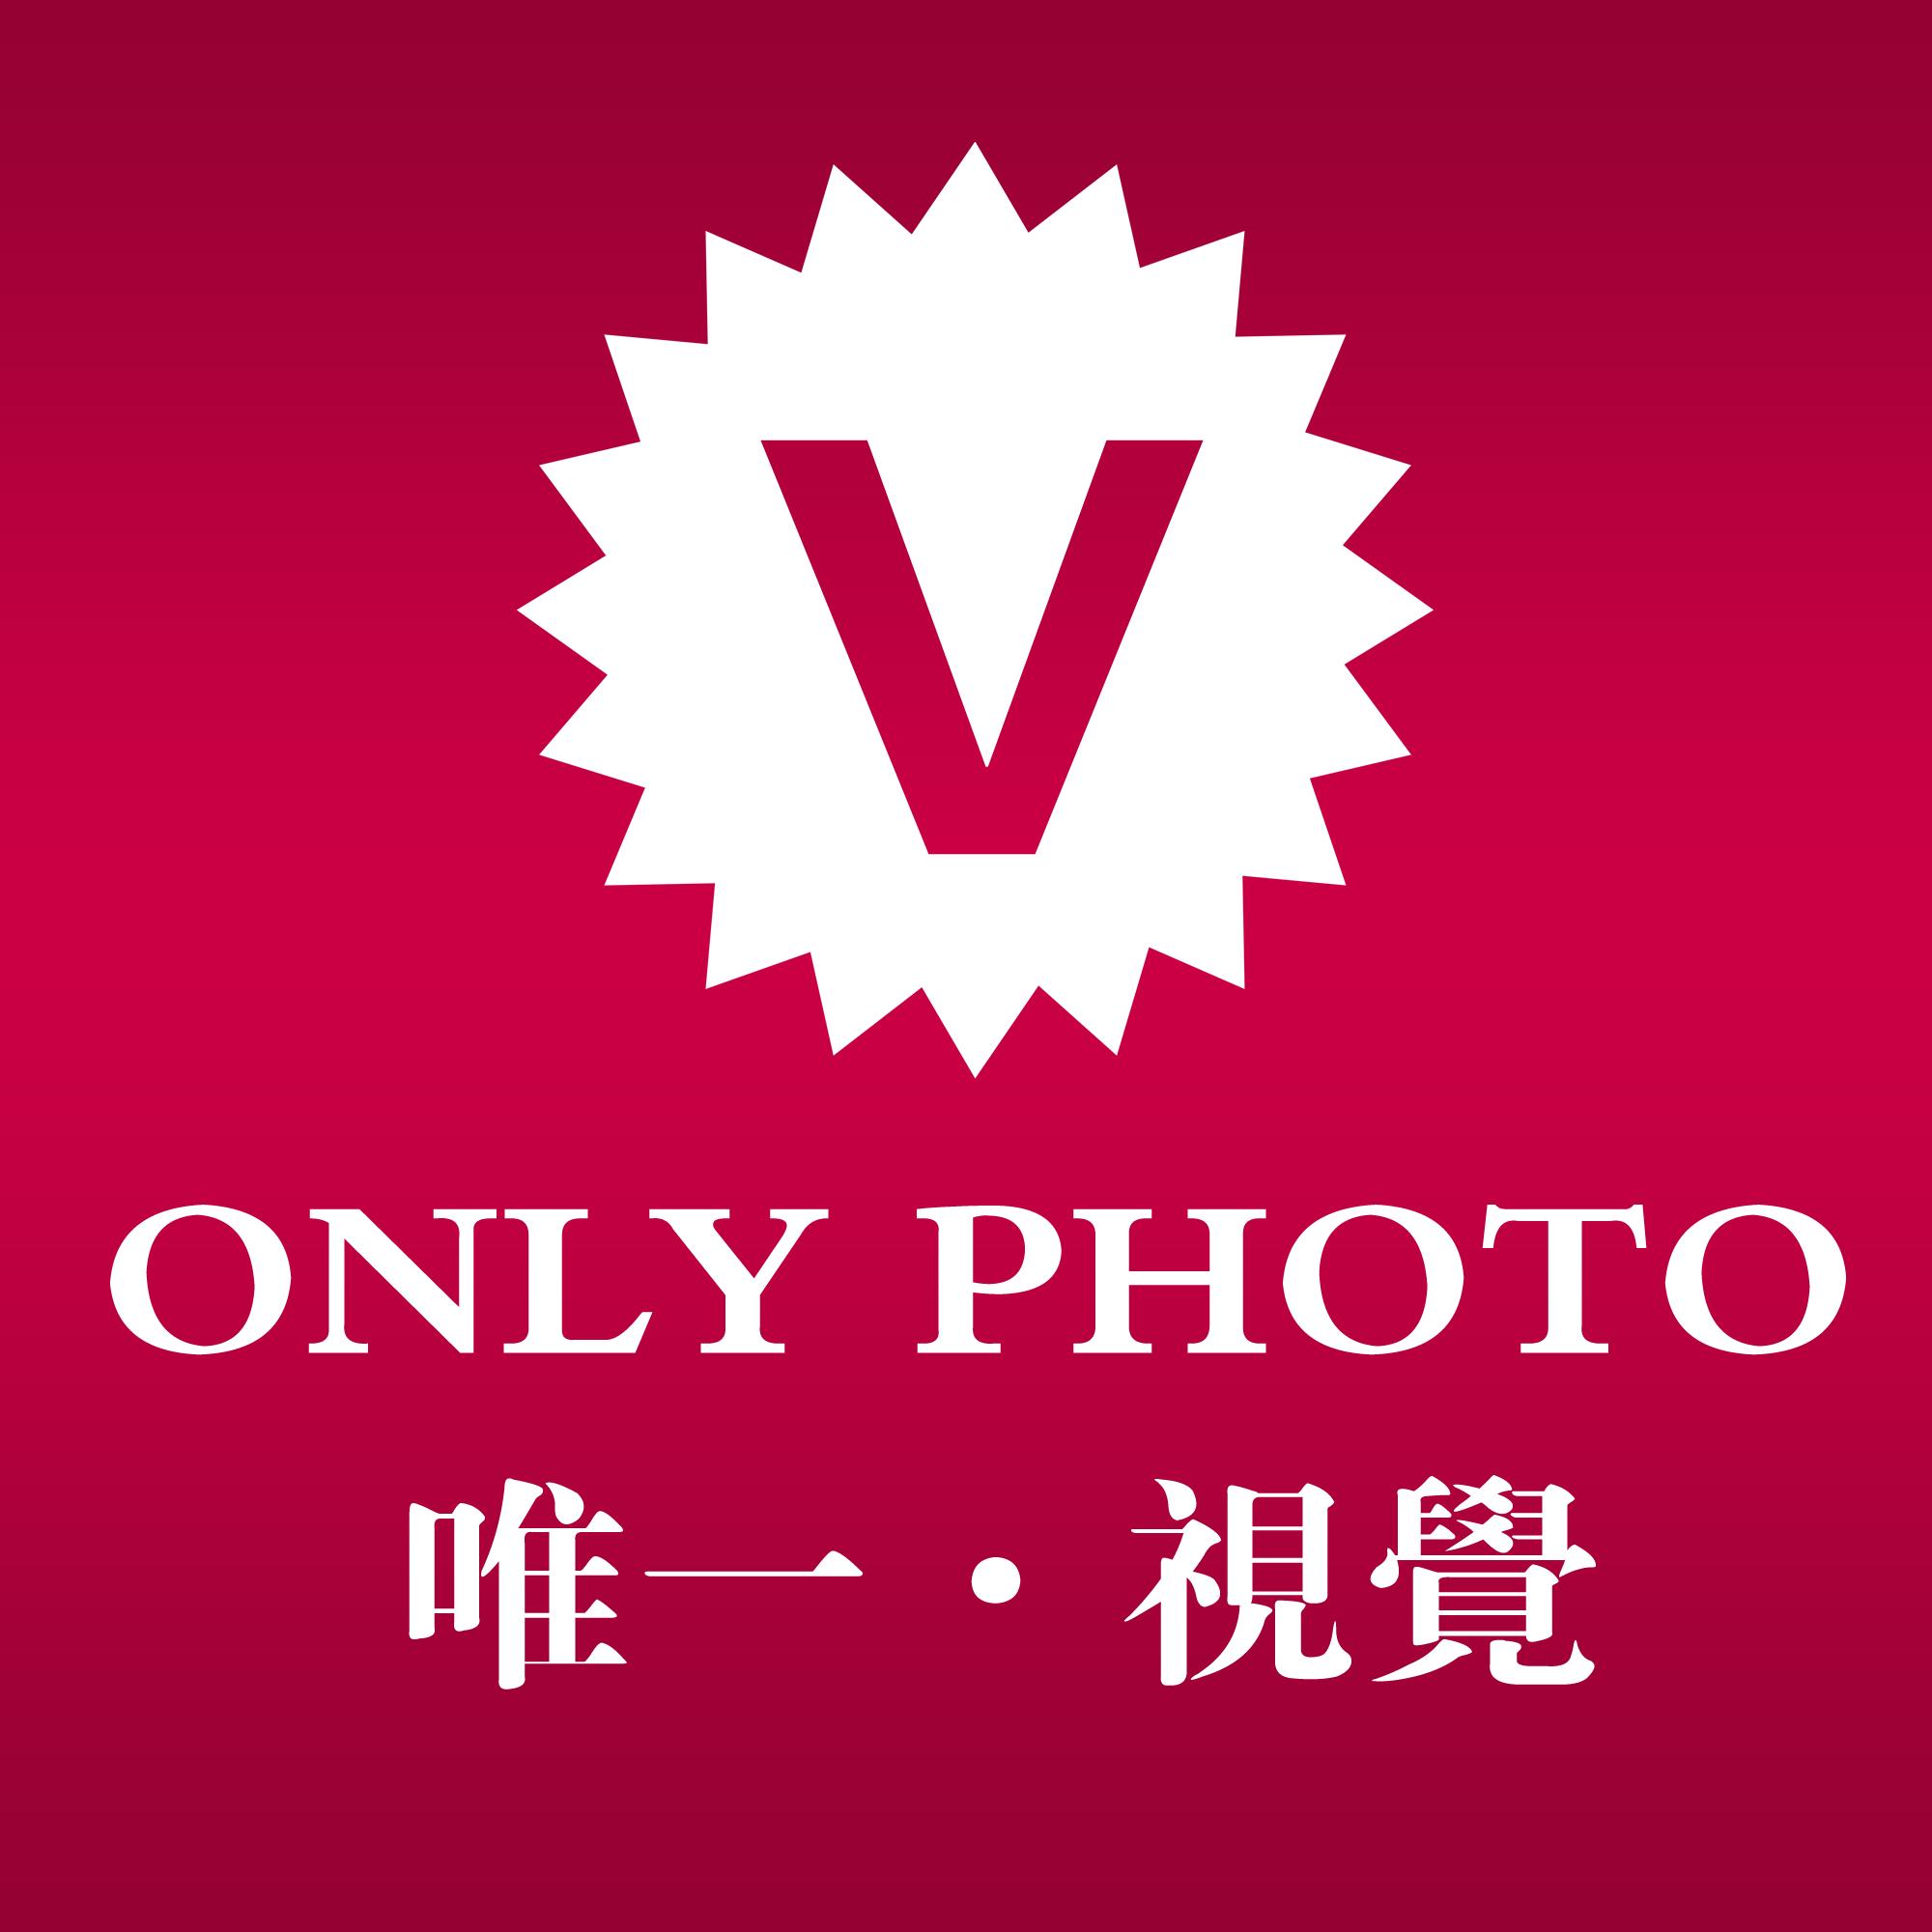 西安唯一视觉婚纱摄影